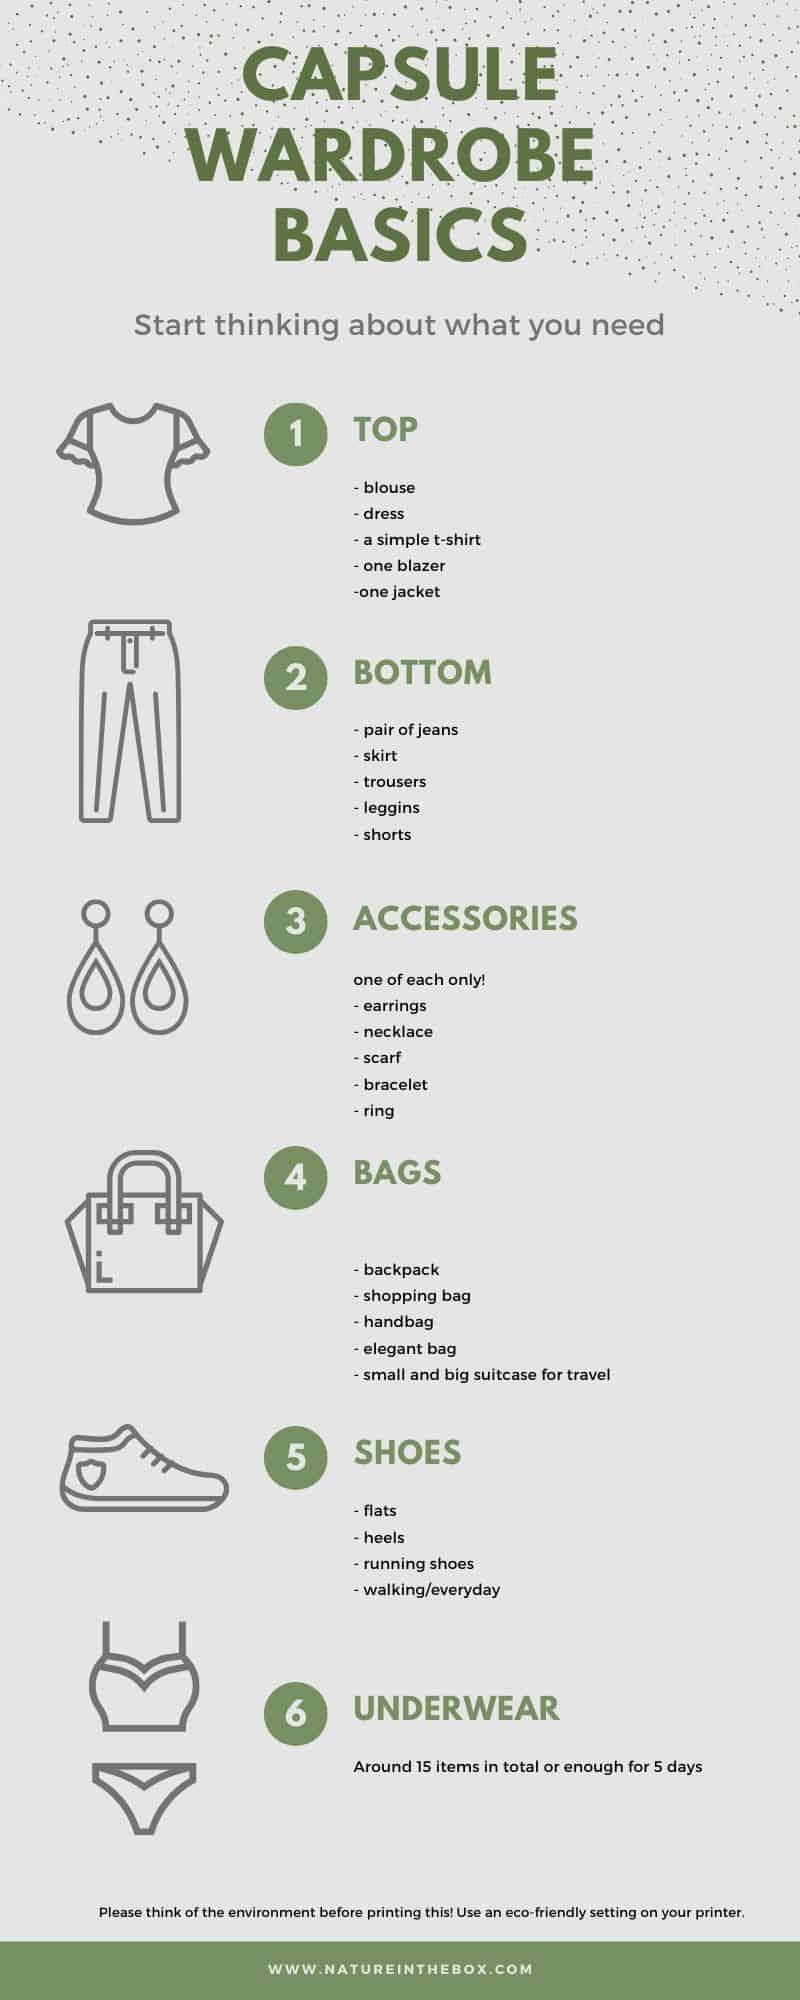 capsule wardrobe basics infographic